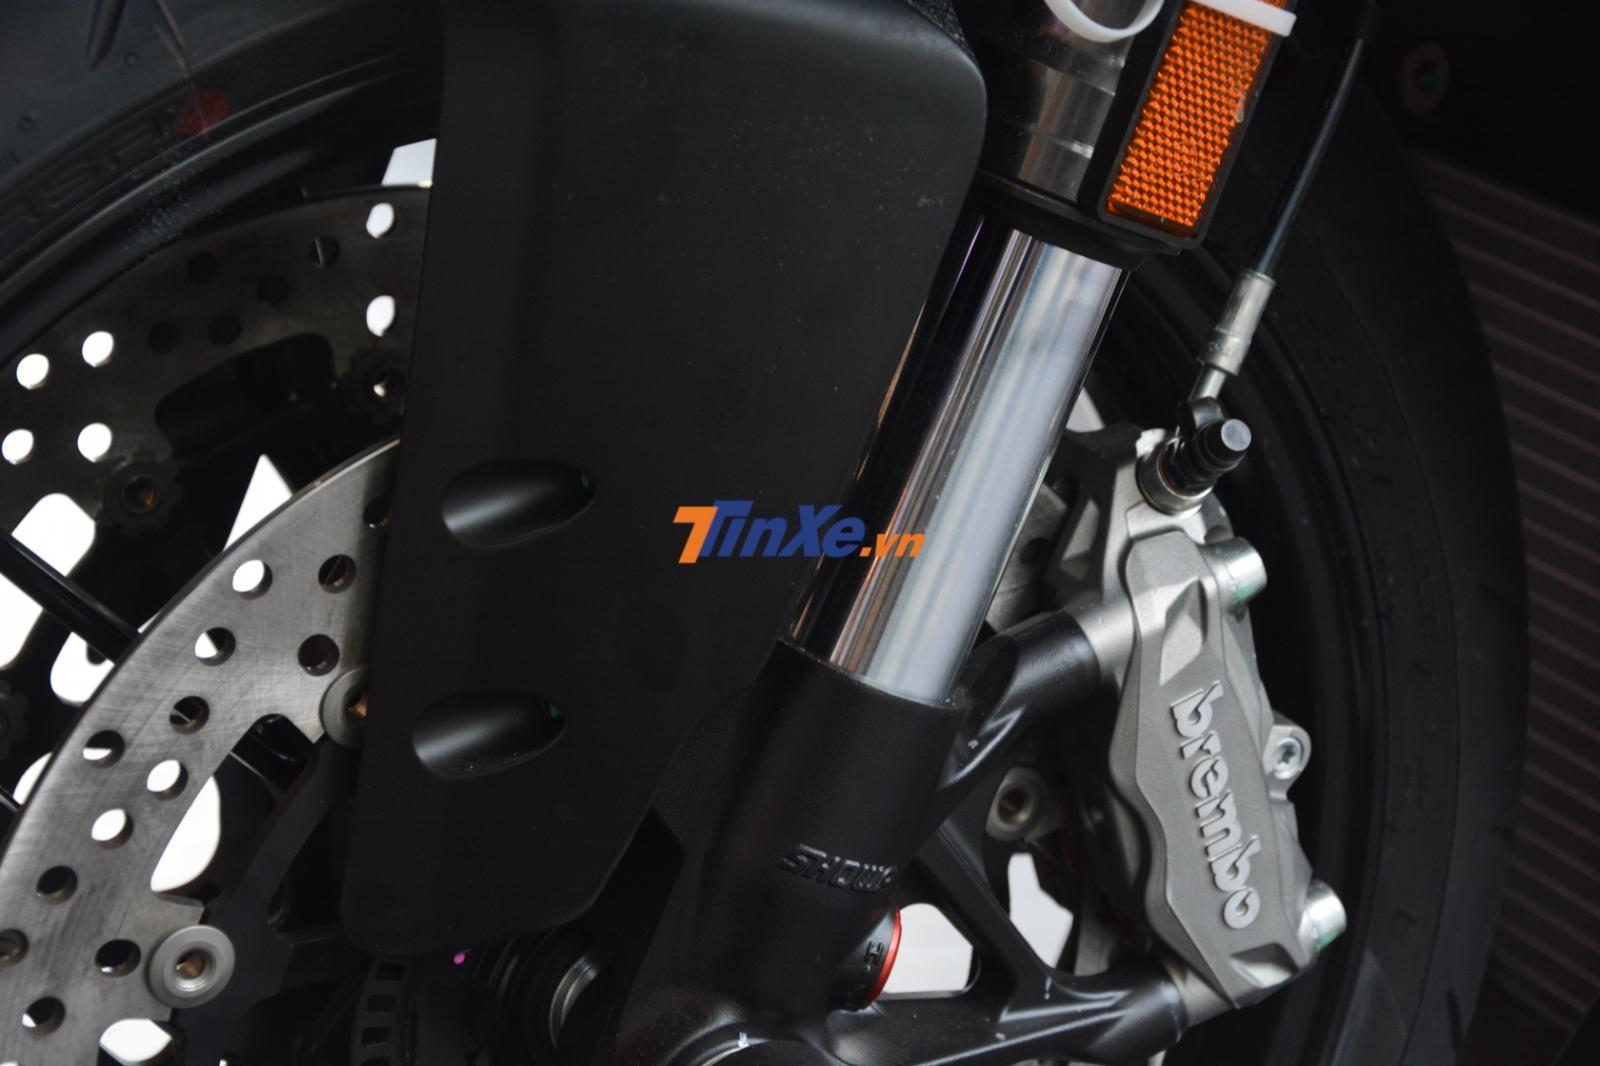 Ducati 959 Panigale Corse vẫn có phanh đĩa kép phía trước đường kính 320 mm cùng kẹp phanh của Brembo